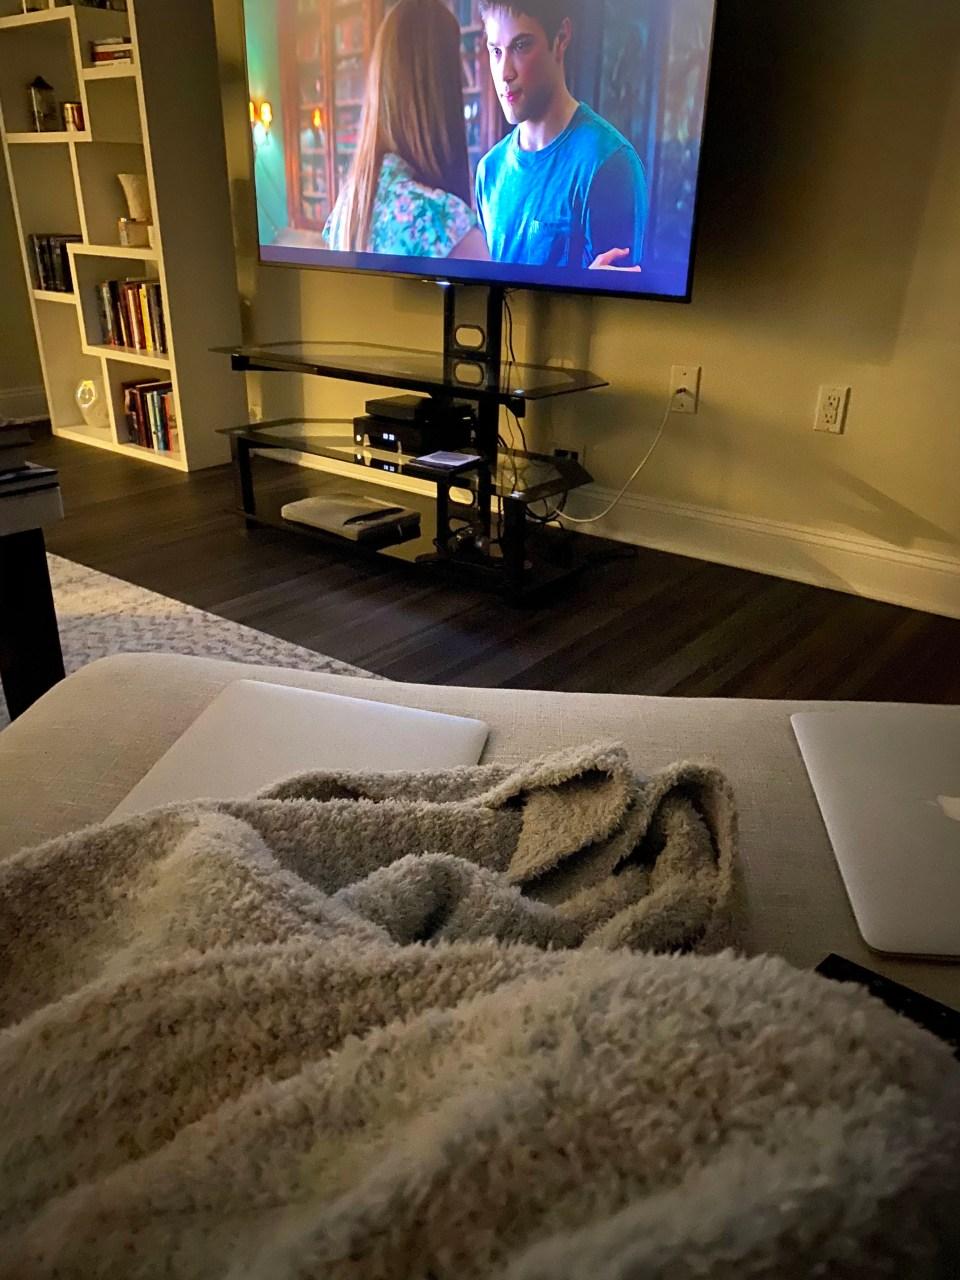 TV Binging